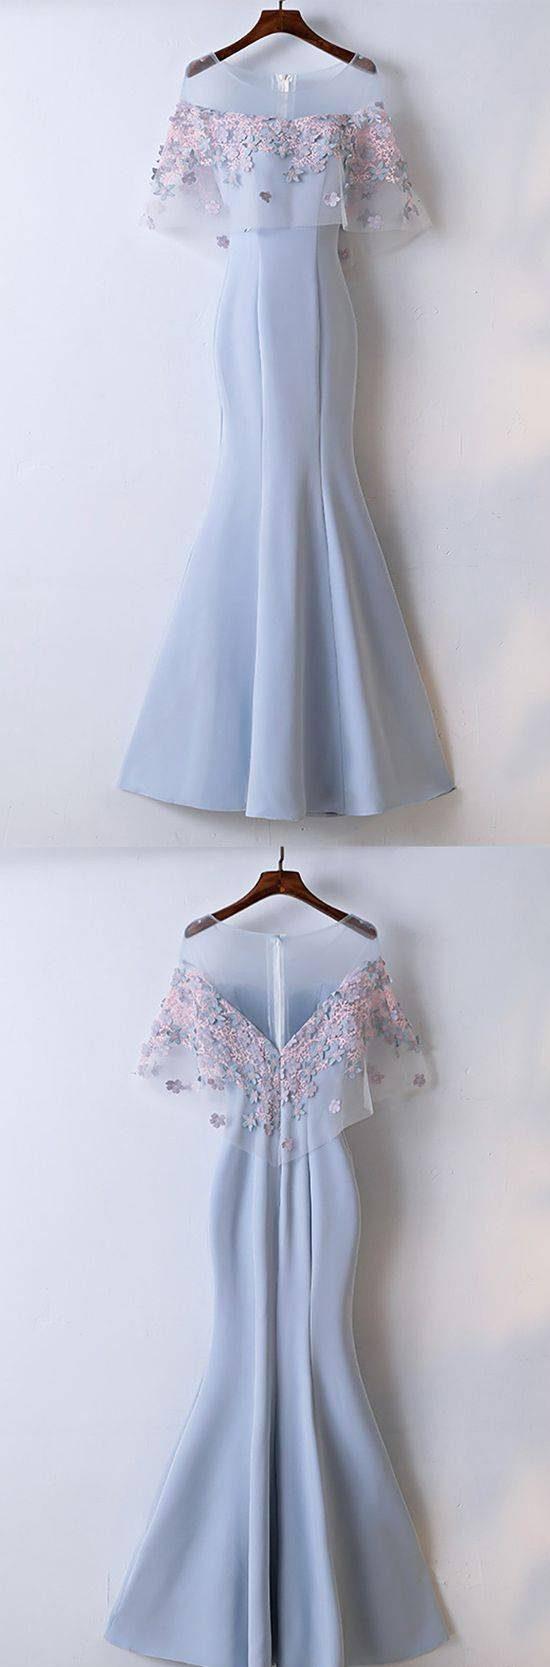 مدل لباس مجلسی بلند برای خواهر عروس در مراسم عروسی